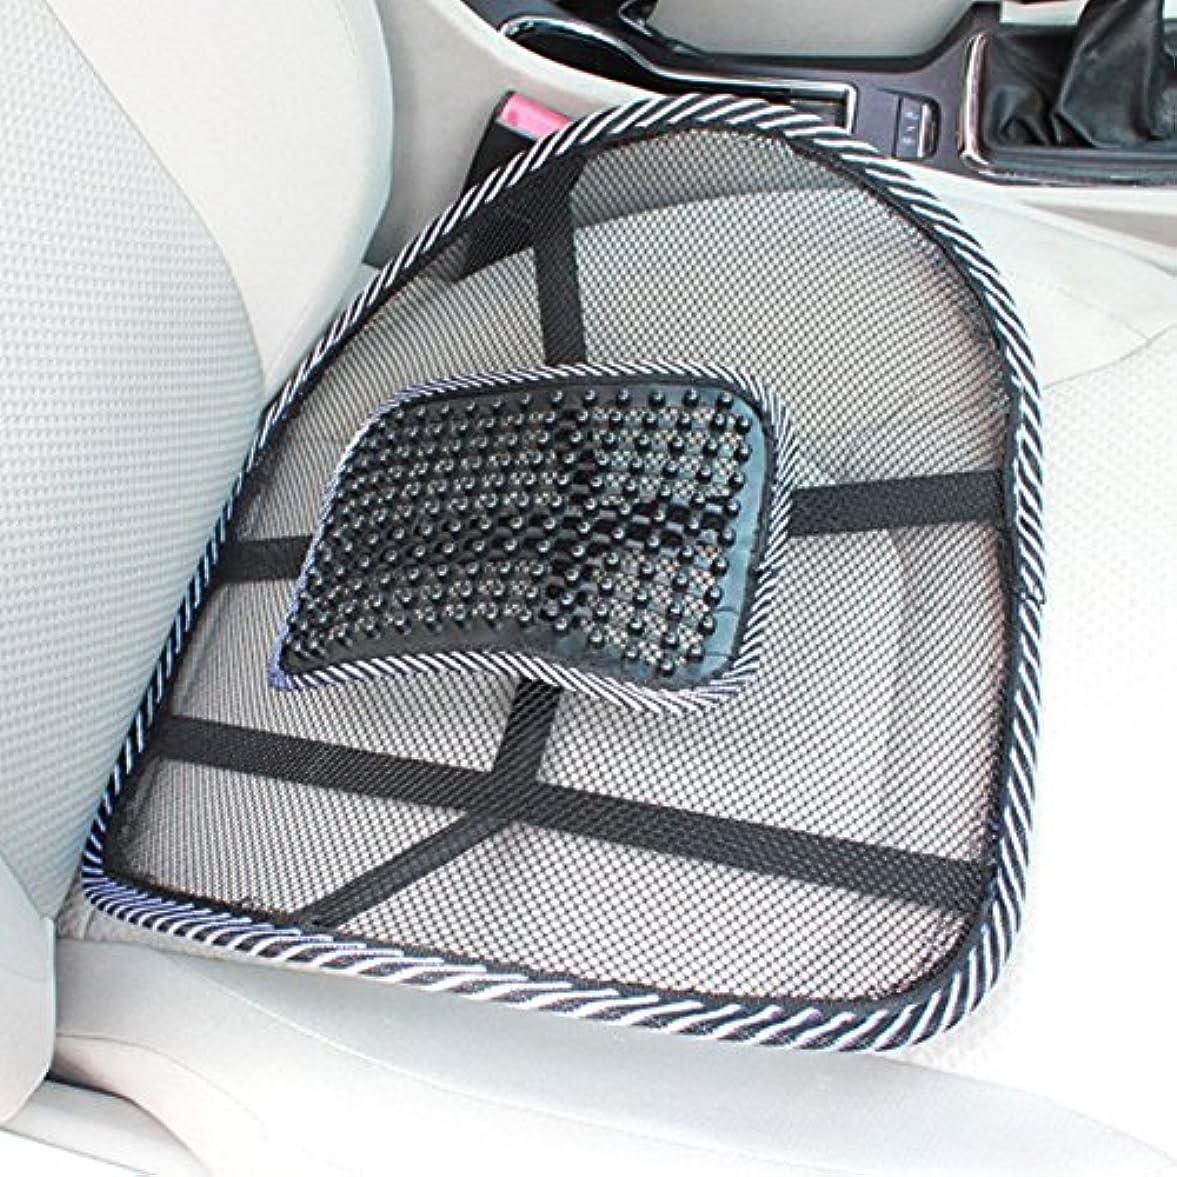 認める絶対に現像椅子のマッサージバック腰椎サポートメッシュ換気クッションパッド車のオフィスの座席車、オフィス、または自宅の座席のマッサージでリラックスサポート